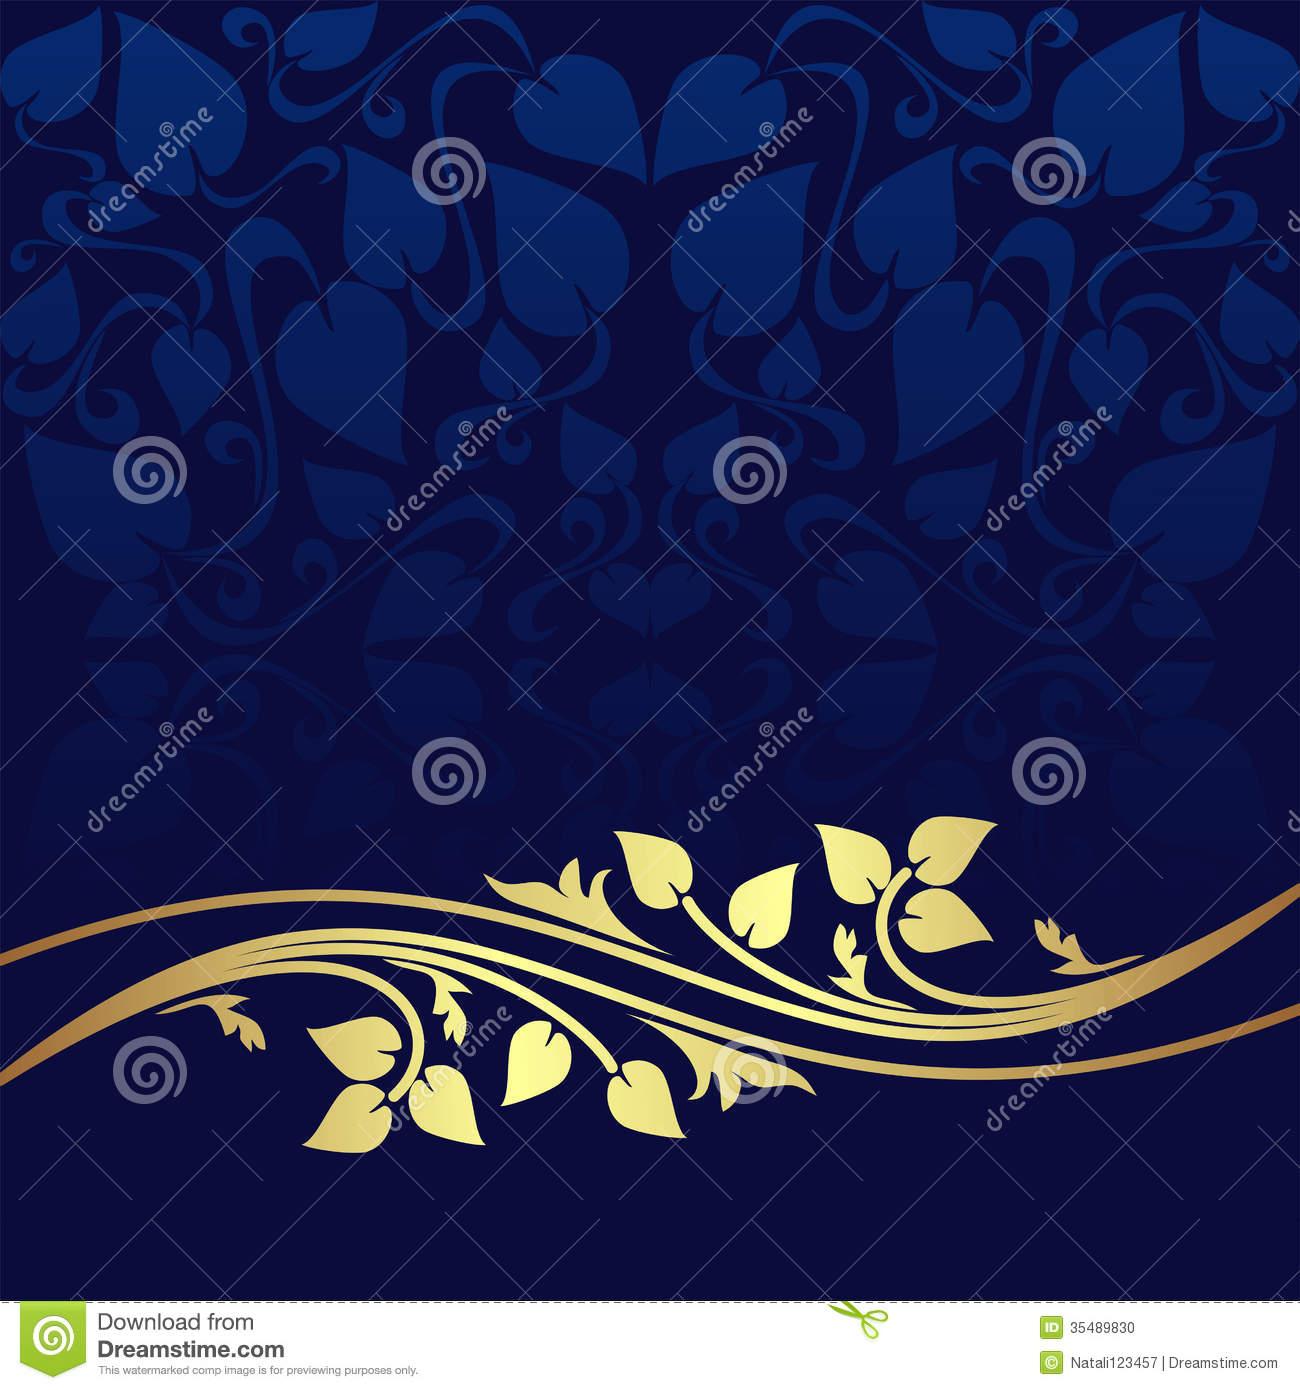 wallpaper navy blue navy blue wallpaper solid navy navy blue william 1300x1390